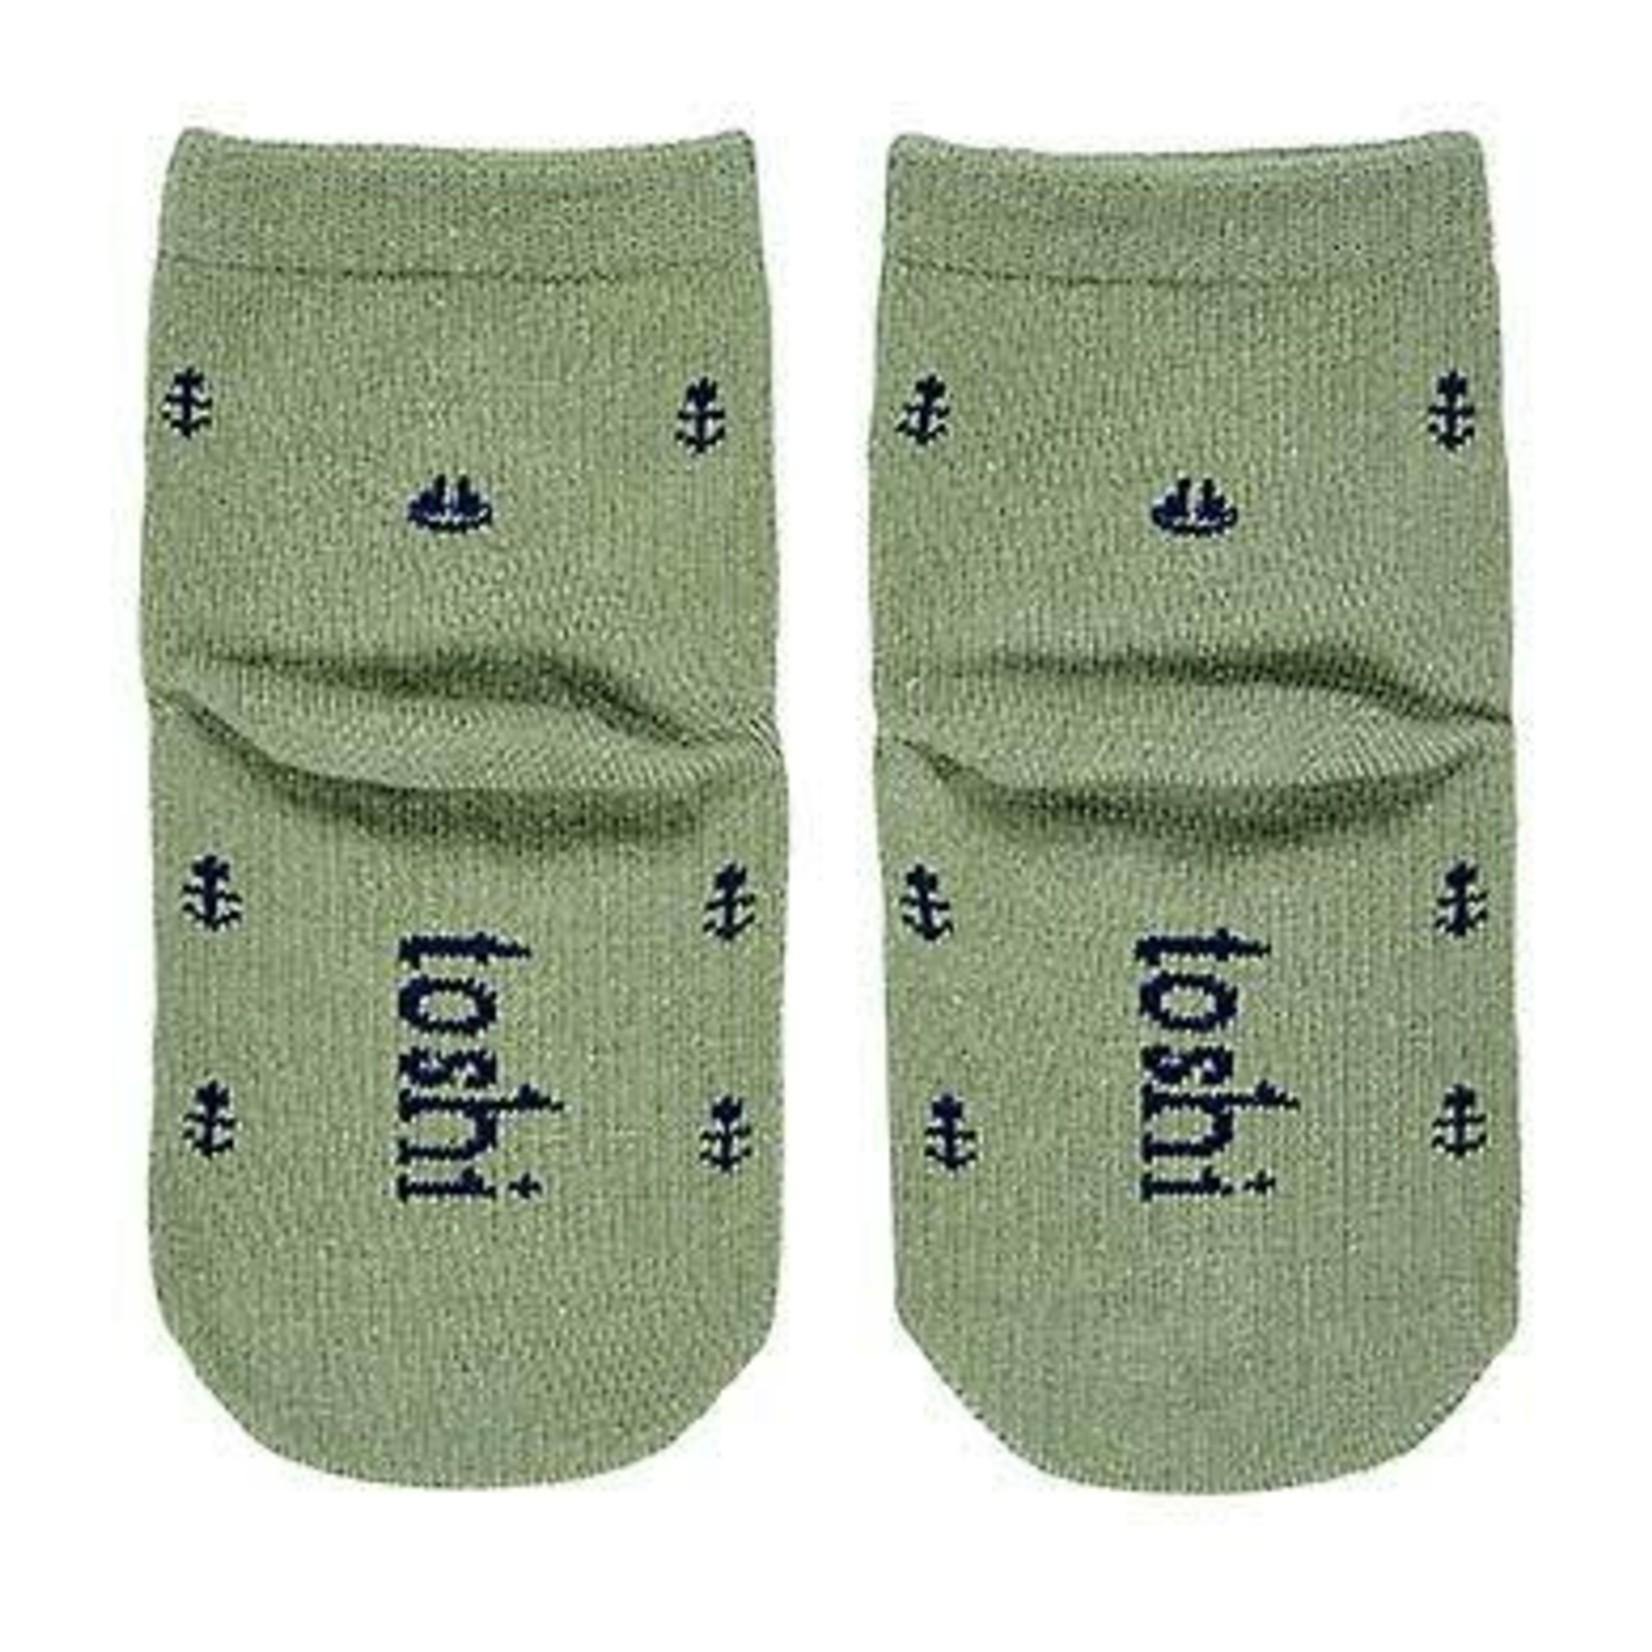 Toshi Toshi Organic Socks - Boys Nautical